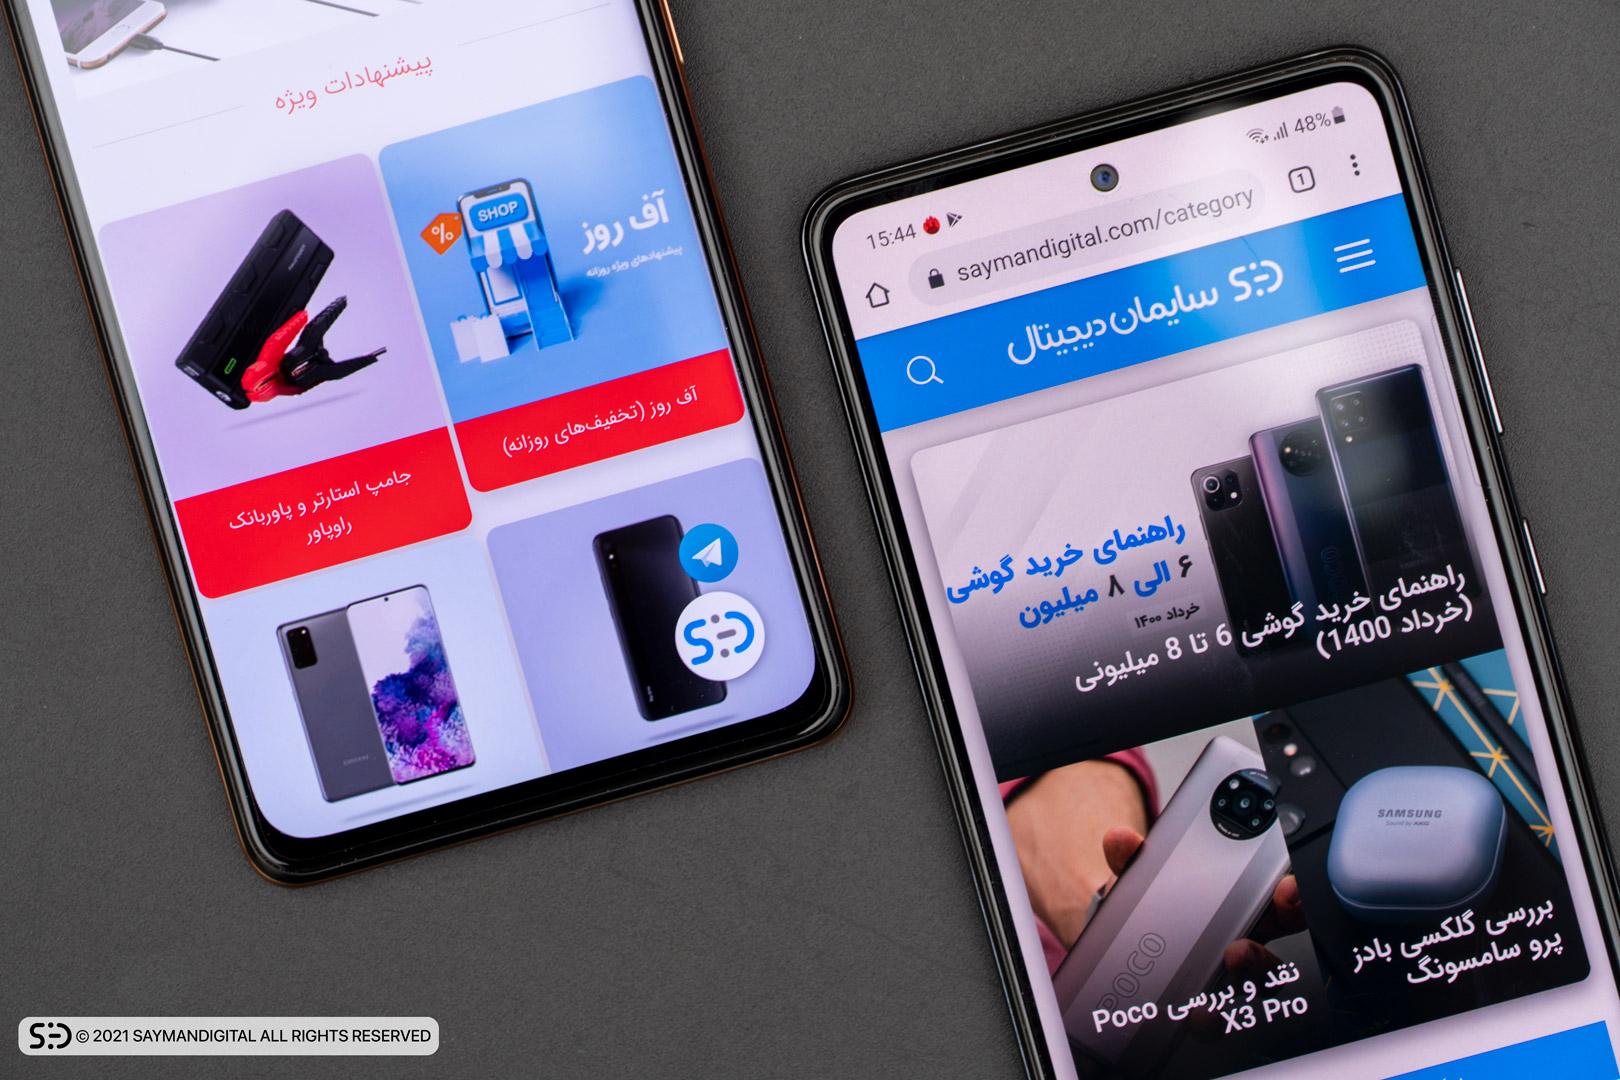 مقایسه نمایشگر دو گوشی - redmi note 10 pro یا a52